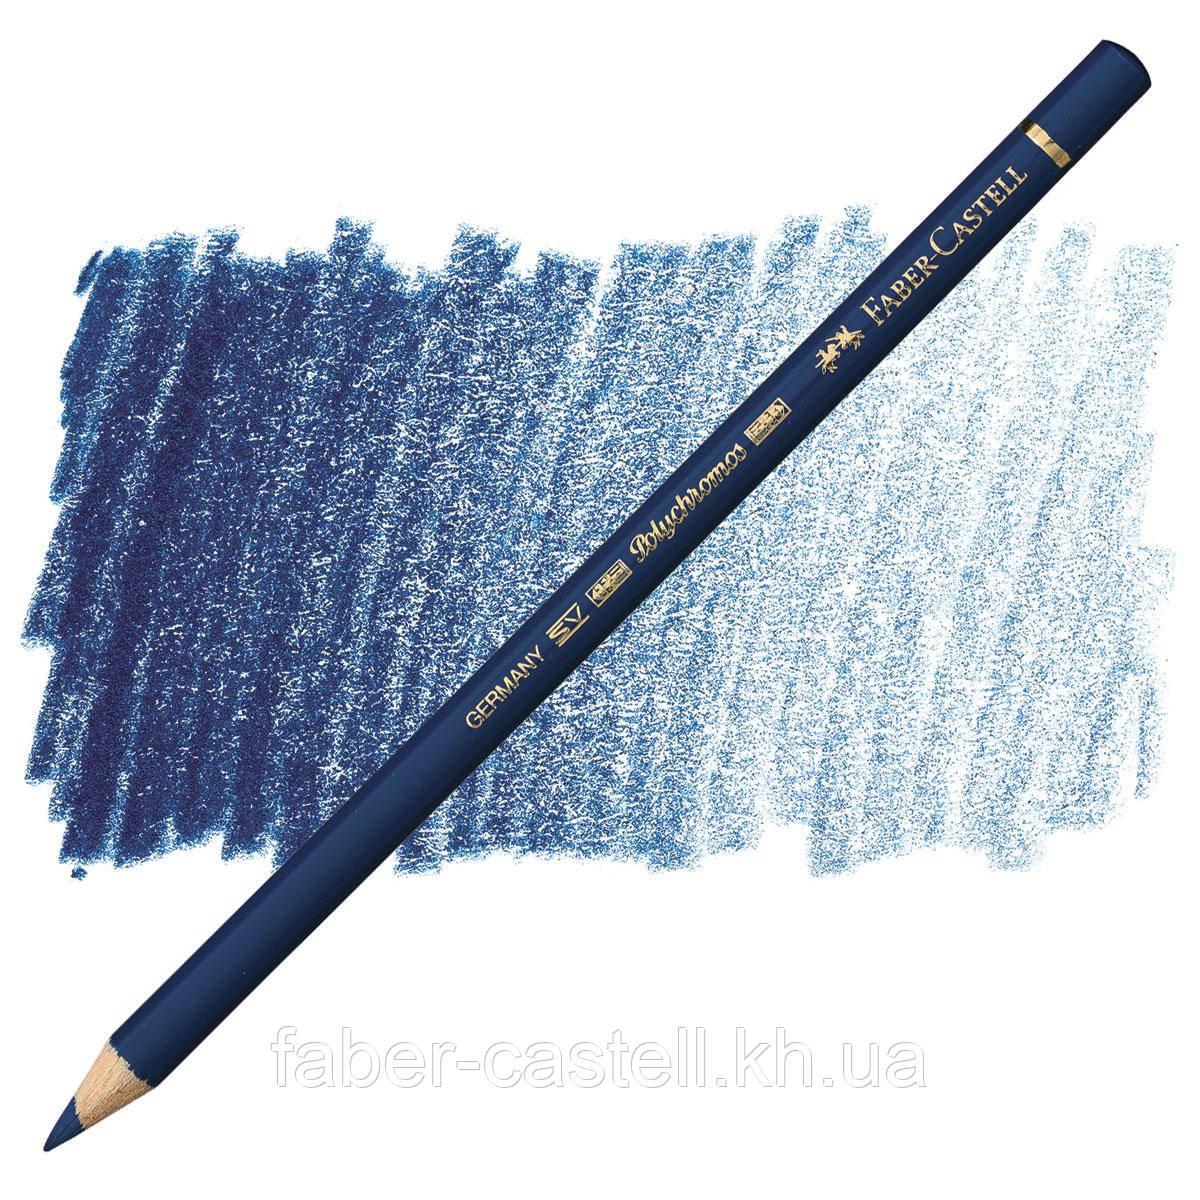 Карандаш цветной Faber-Castell POLYCHROMOS прусская лазурь №246 (Prussian Blue), 110246